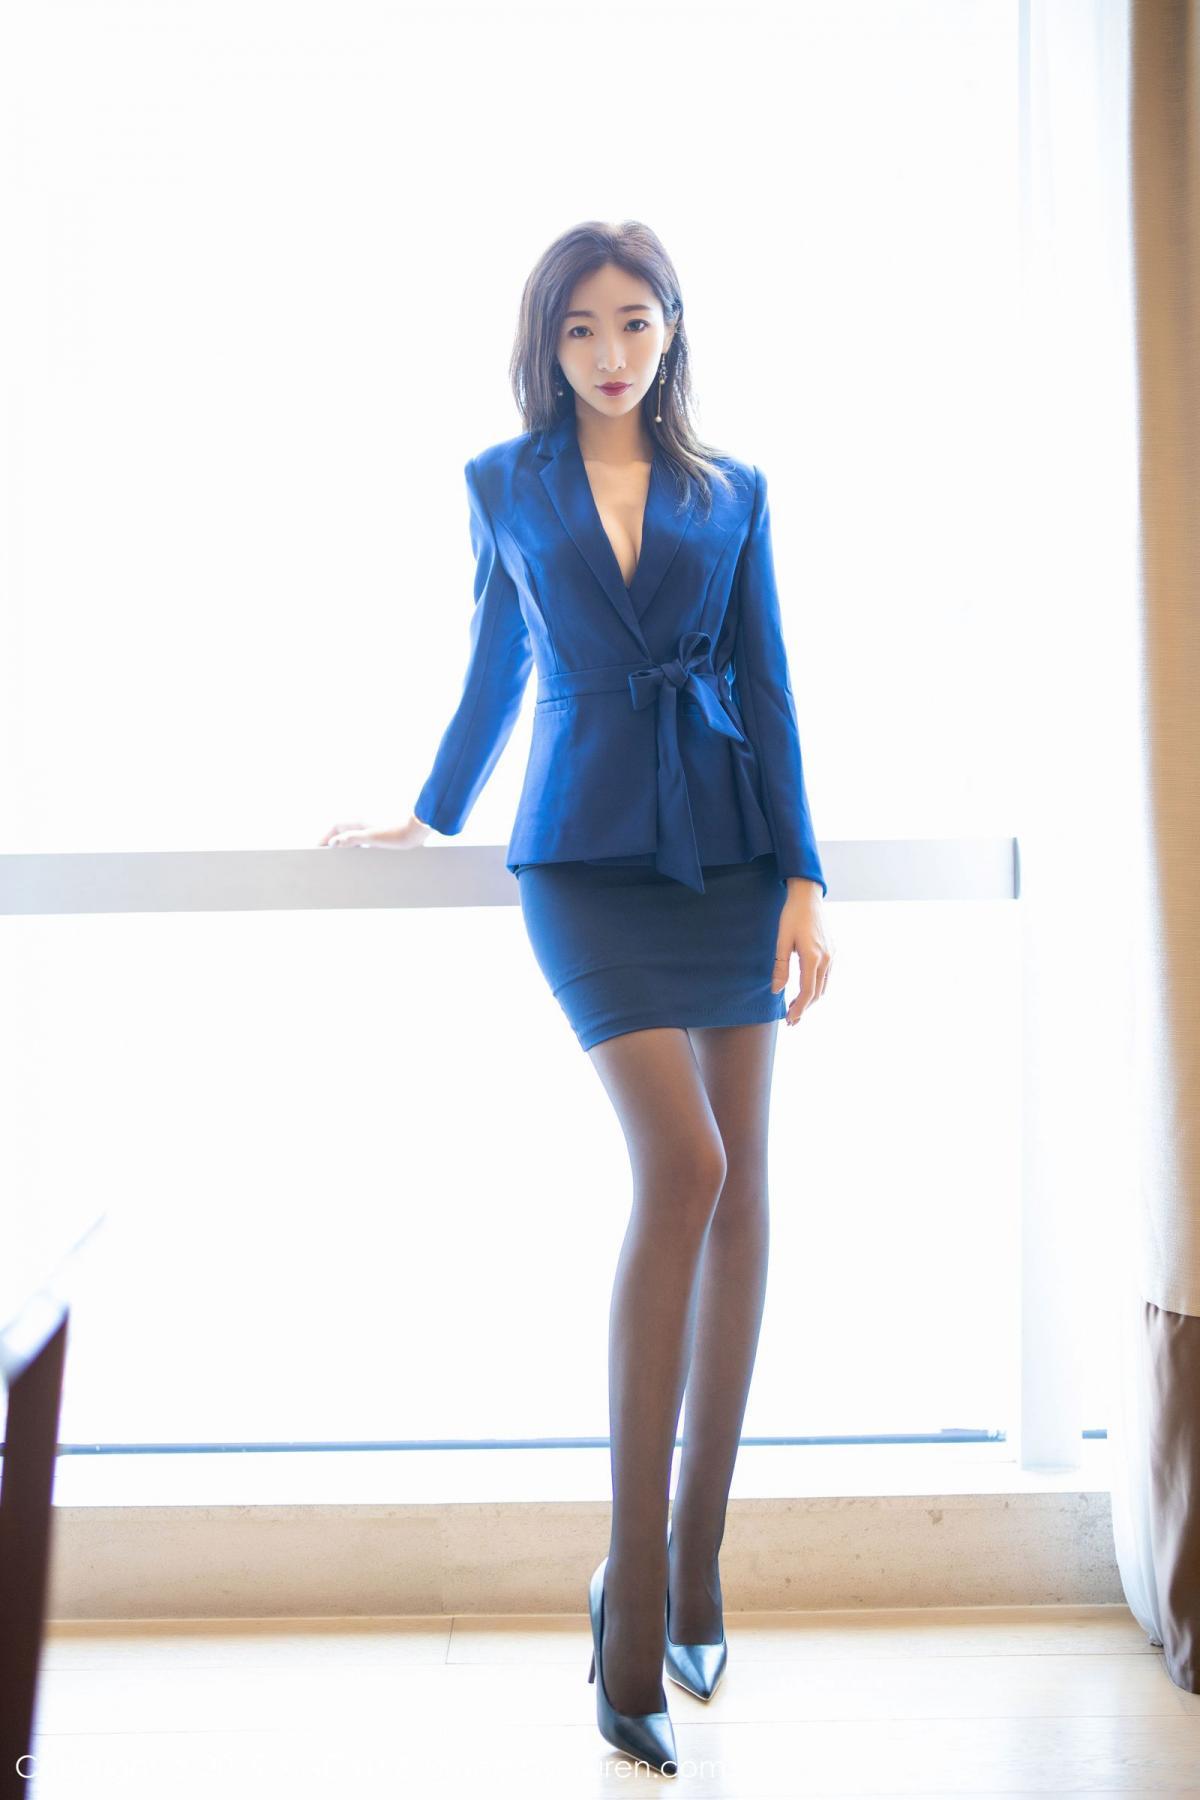 [XiaoYu] Vol.203 An Qi Yee 7P, An Qi Yee, Black Silk, Tall, Uniform, XiaoYu